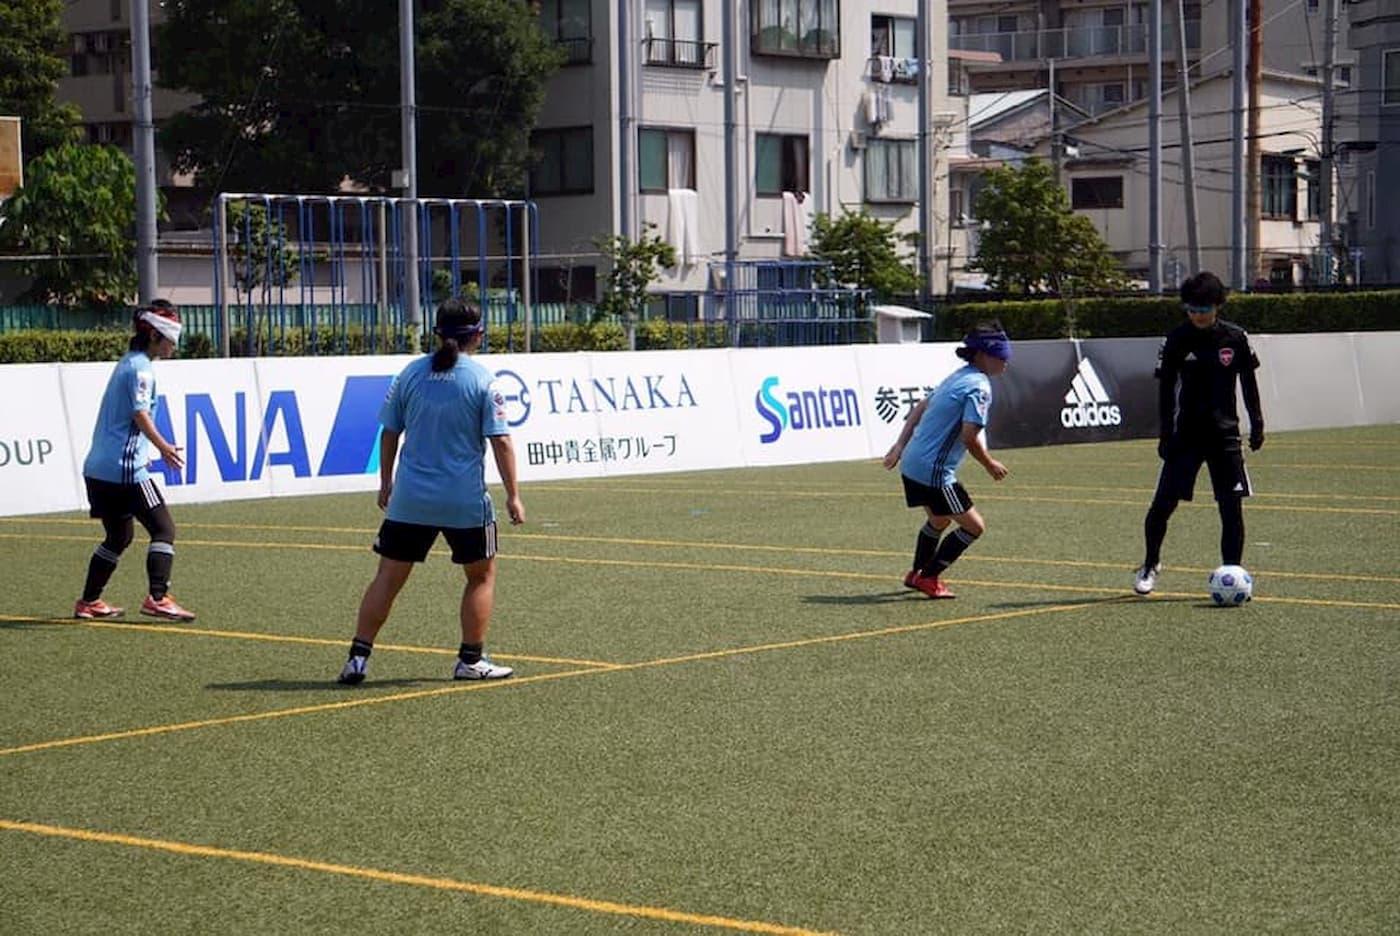 ブラインドサッカークラブチーム選手権・ブラインドサッカー体験会 | 神奈川(富士通スタジアム川崎)